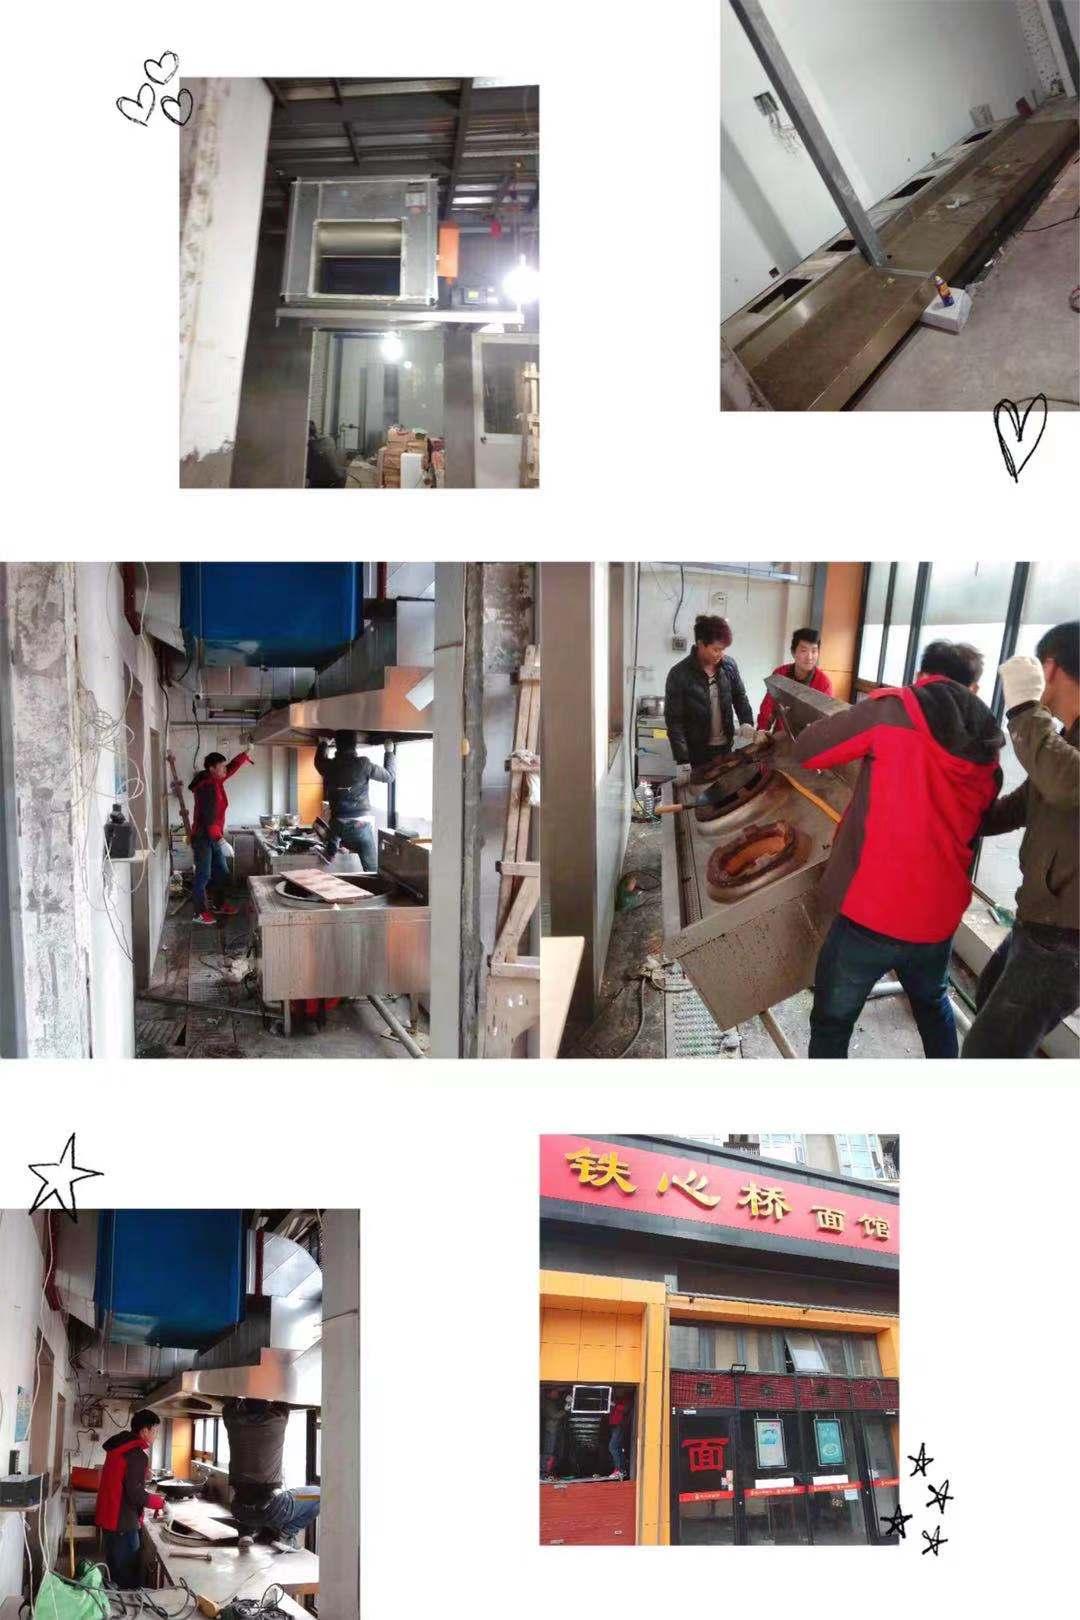 商用厨房设备-南京铁心桥面馆排烟改造安装